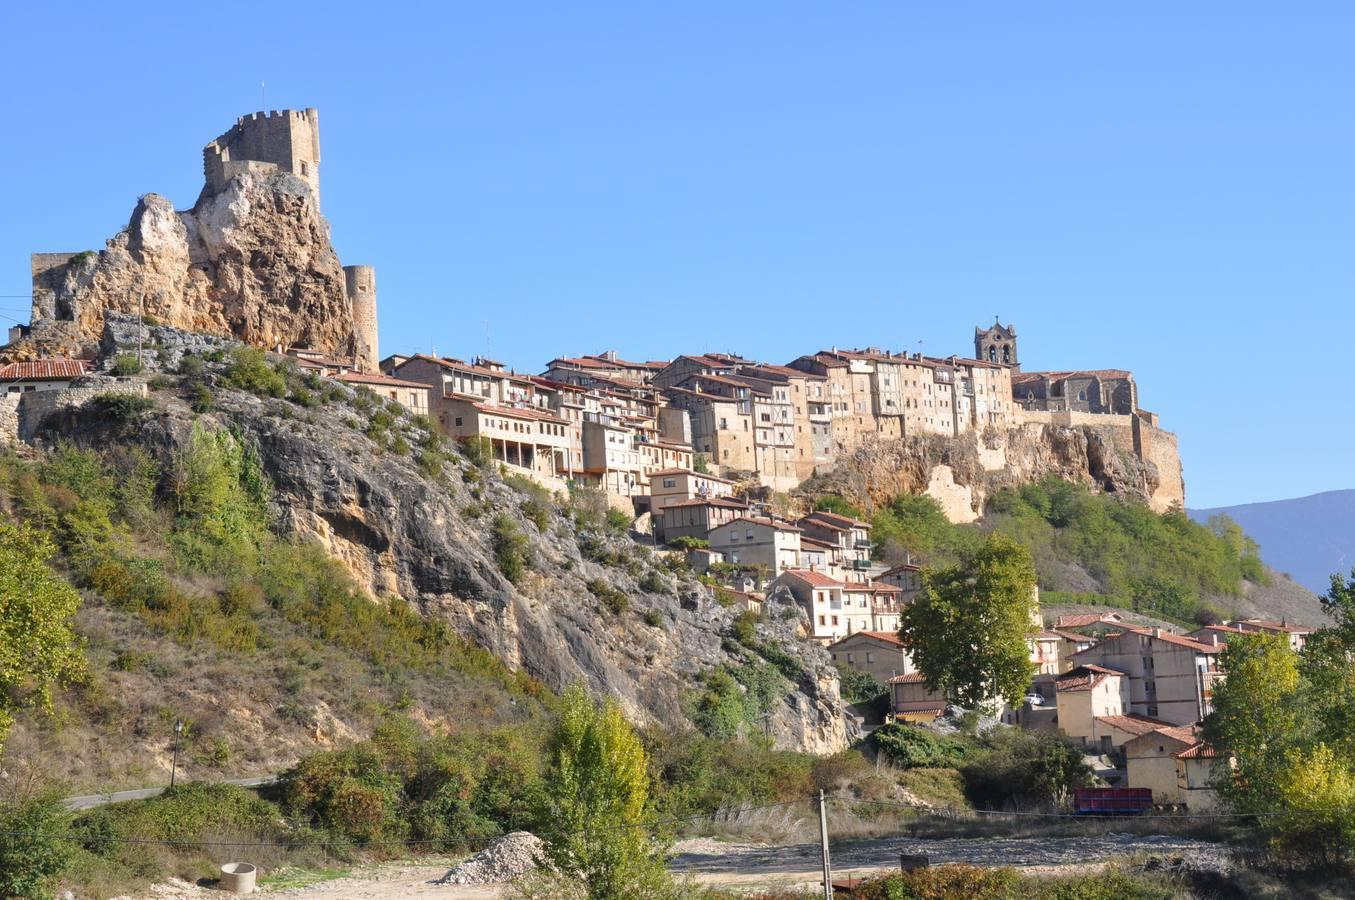 La localidad burgalesa de Frías, uno de los pueblos más bellos de España